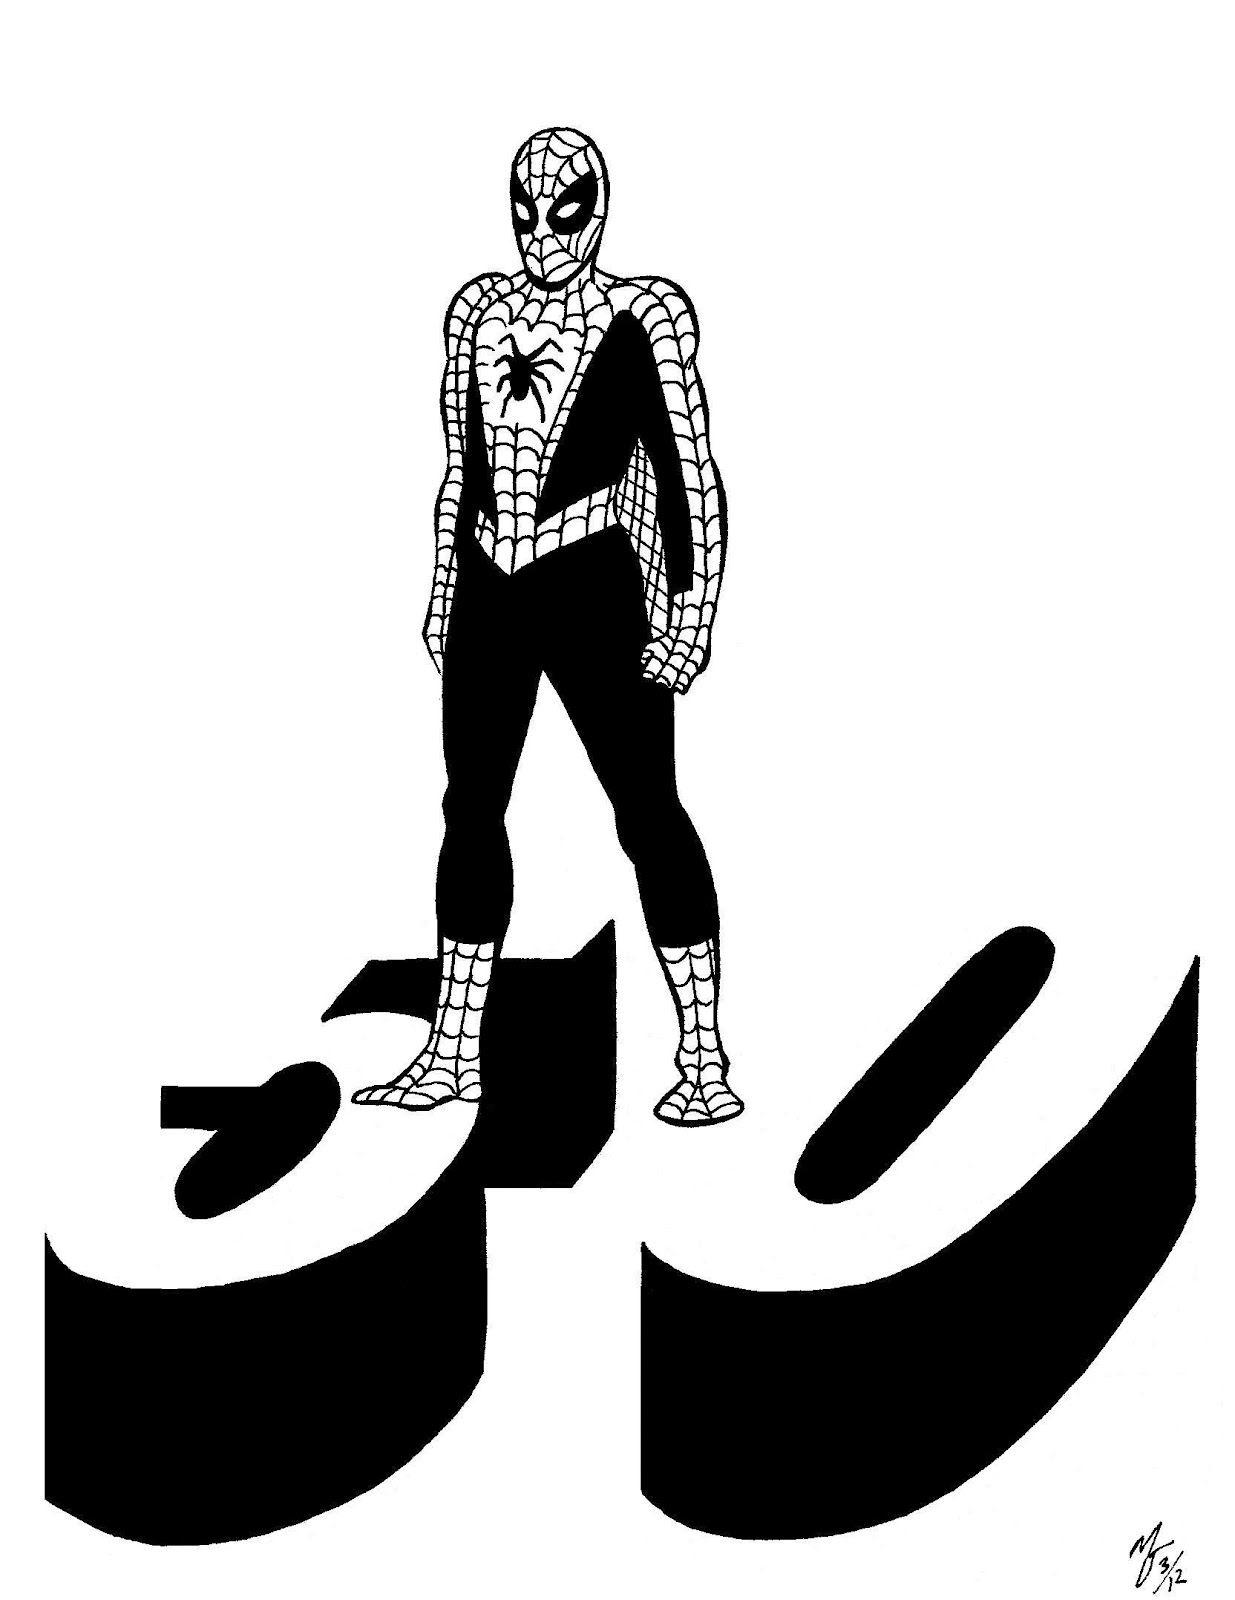 Spider-man 50th